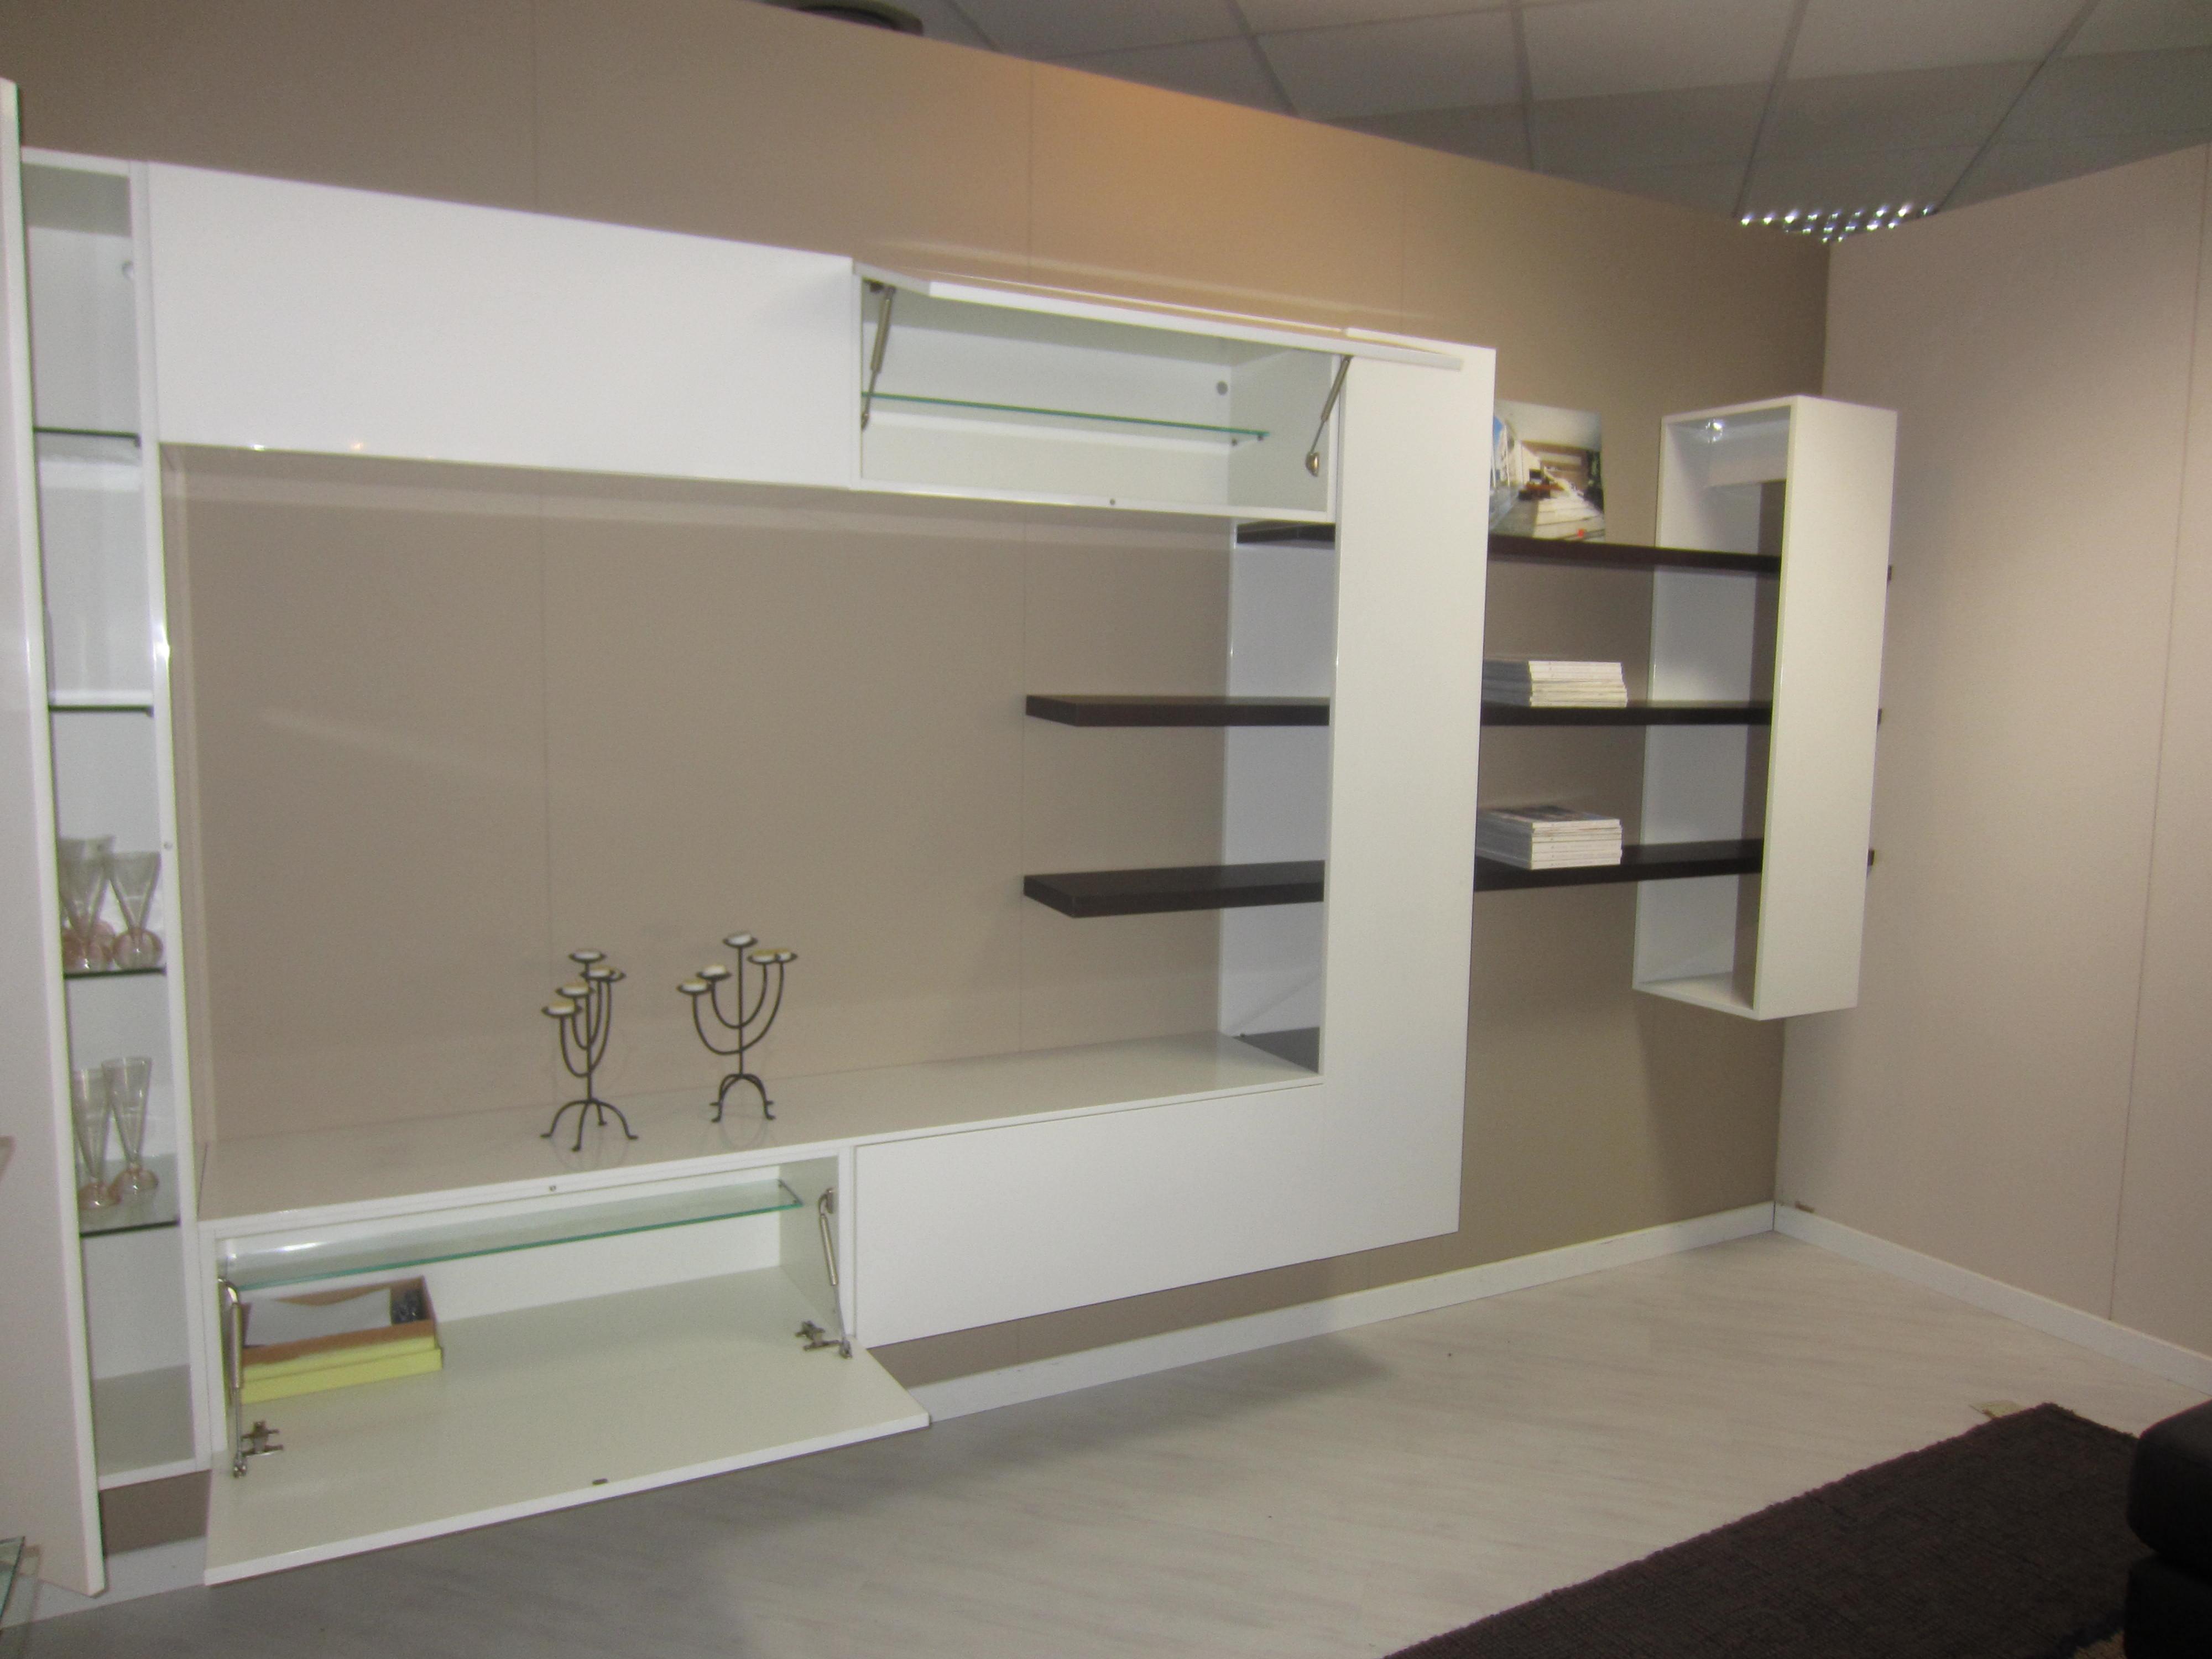 Best Offerta Soggiorno Ideas - Idee Arredamento Casa & Interior ...